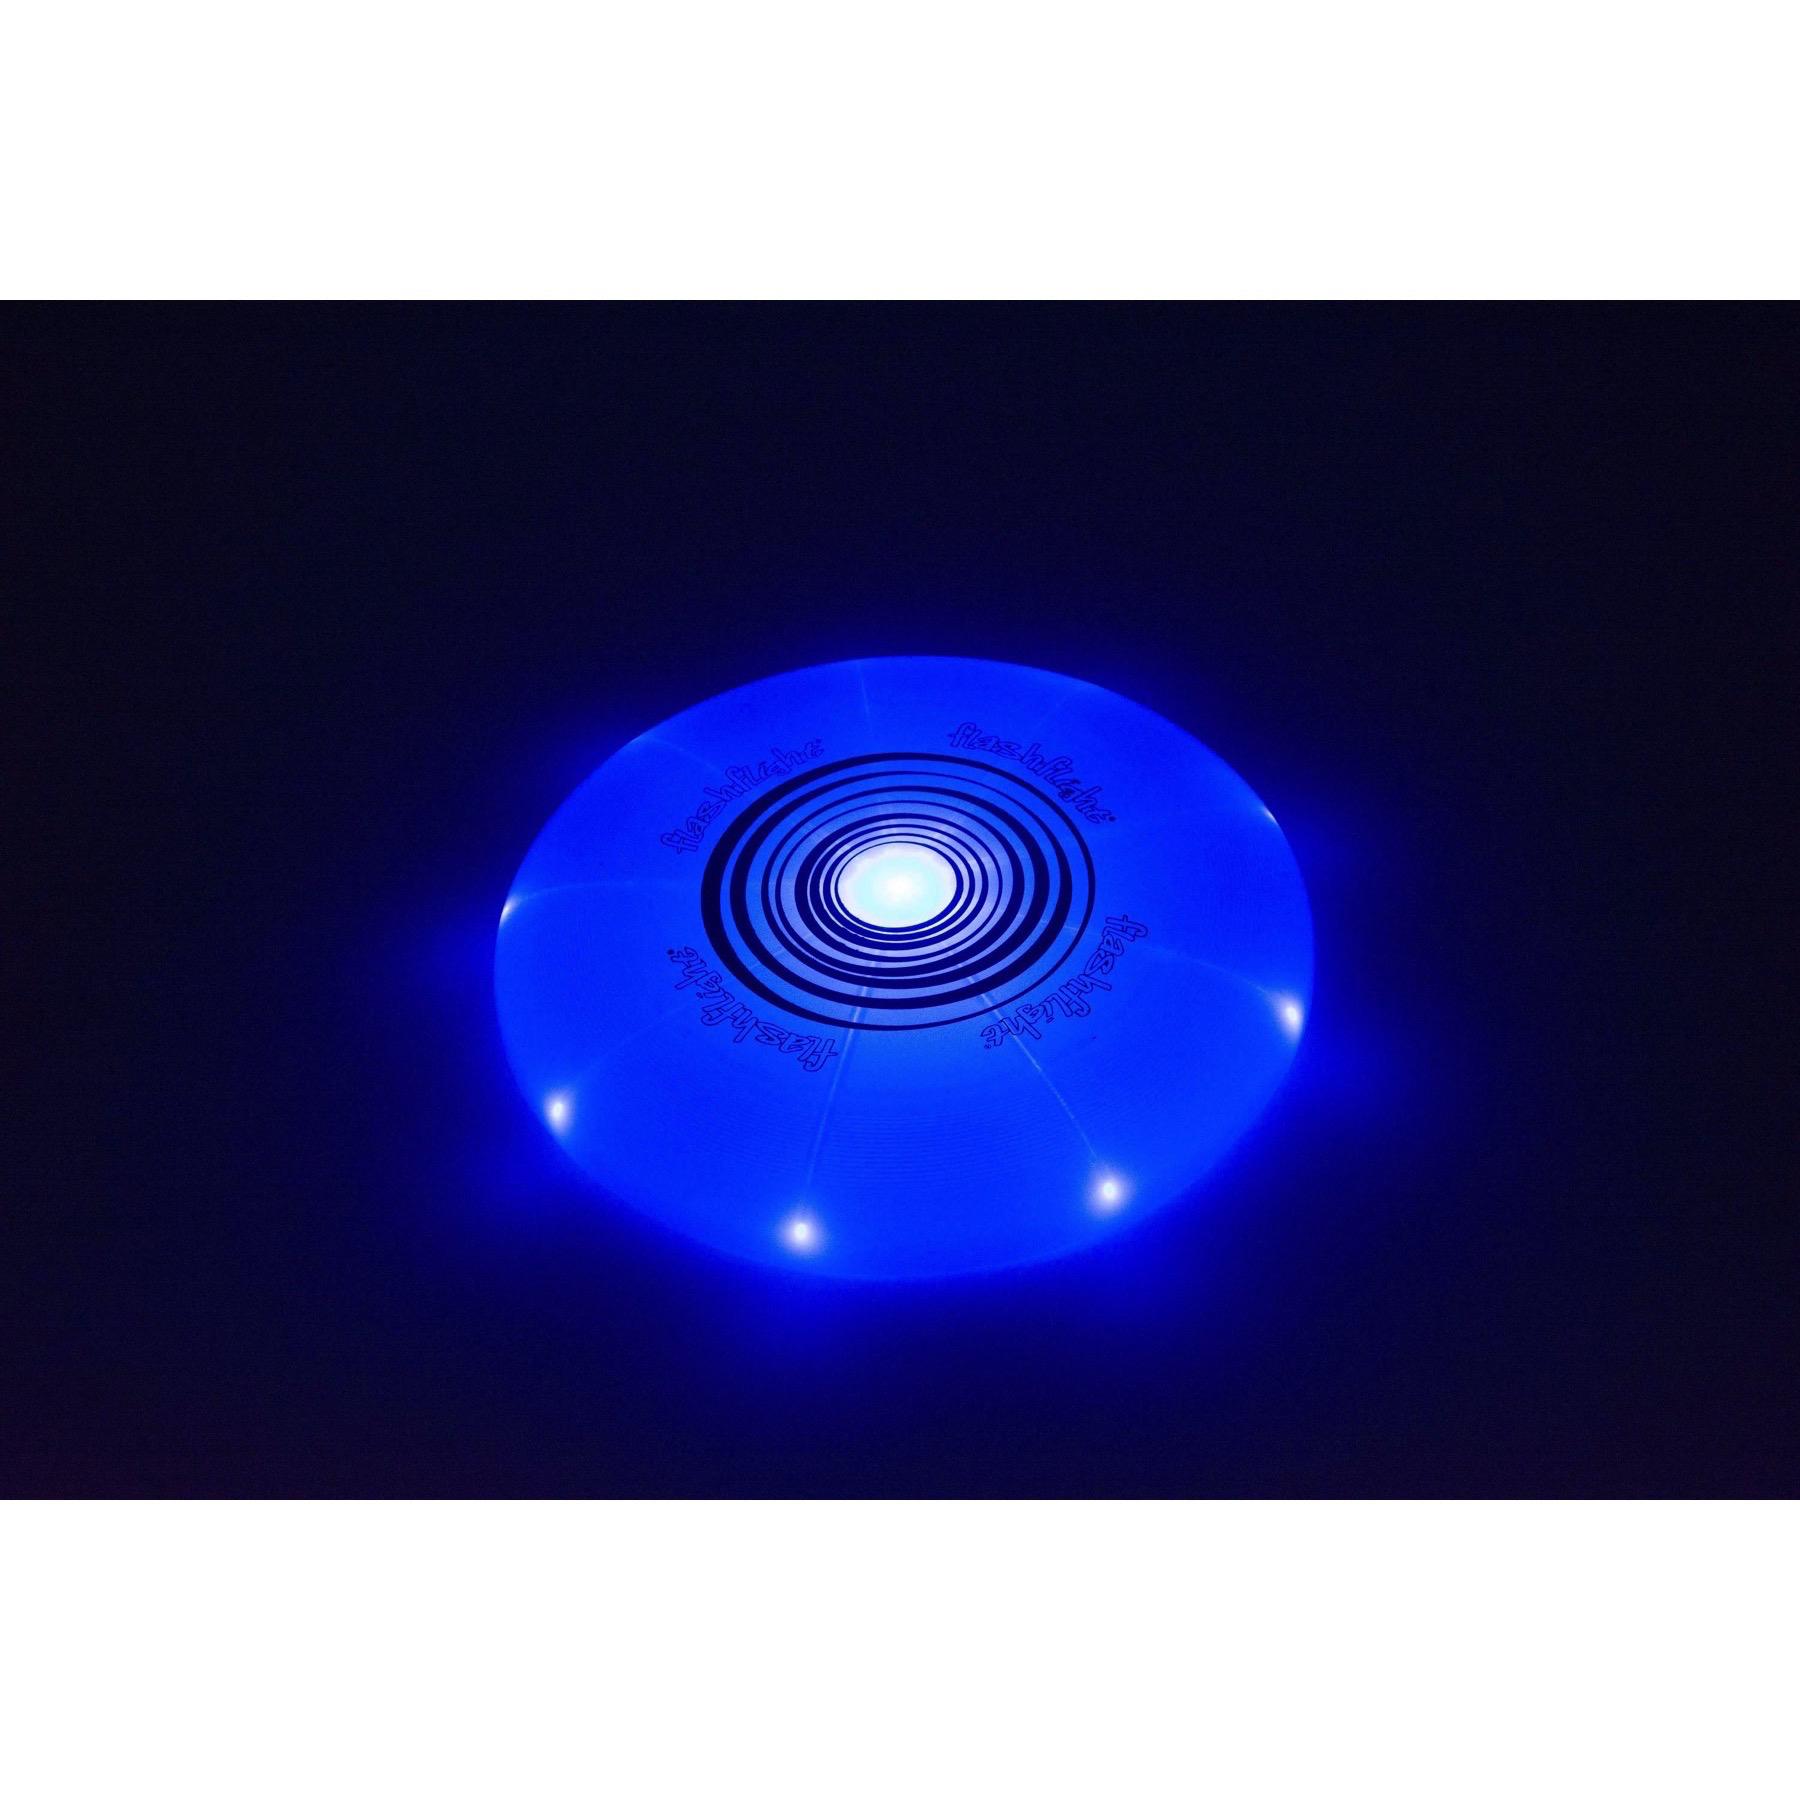 Nite Ize Flashflight Led Light Up Flying Disc Blue